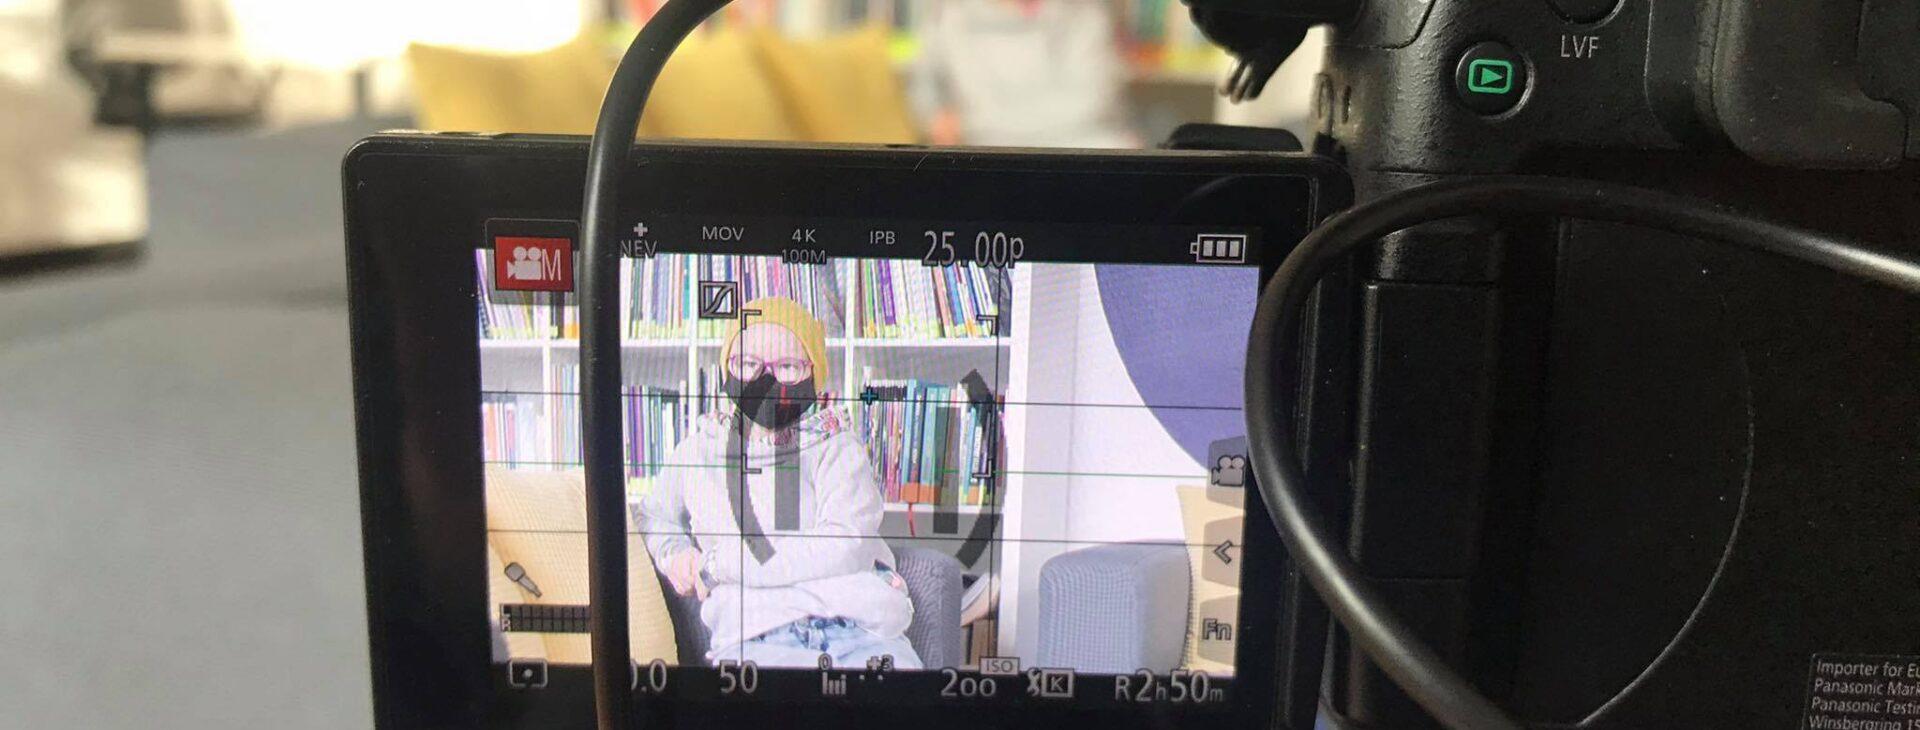 Zdjęcie przedstawia niewielki ekran przy kamerze, przed którą siedzi Katarzyna Żeglicka. W tle regał z książkami.